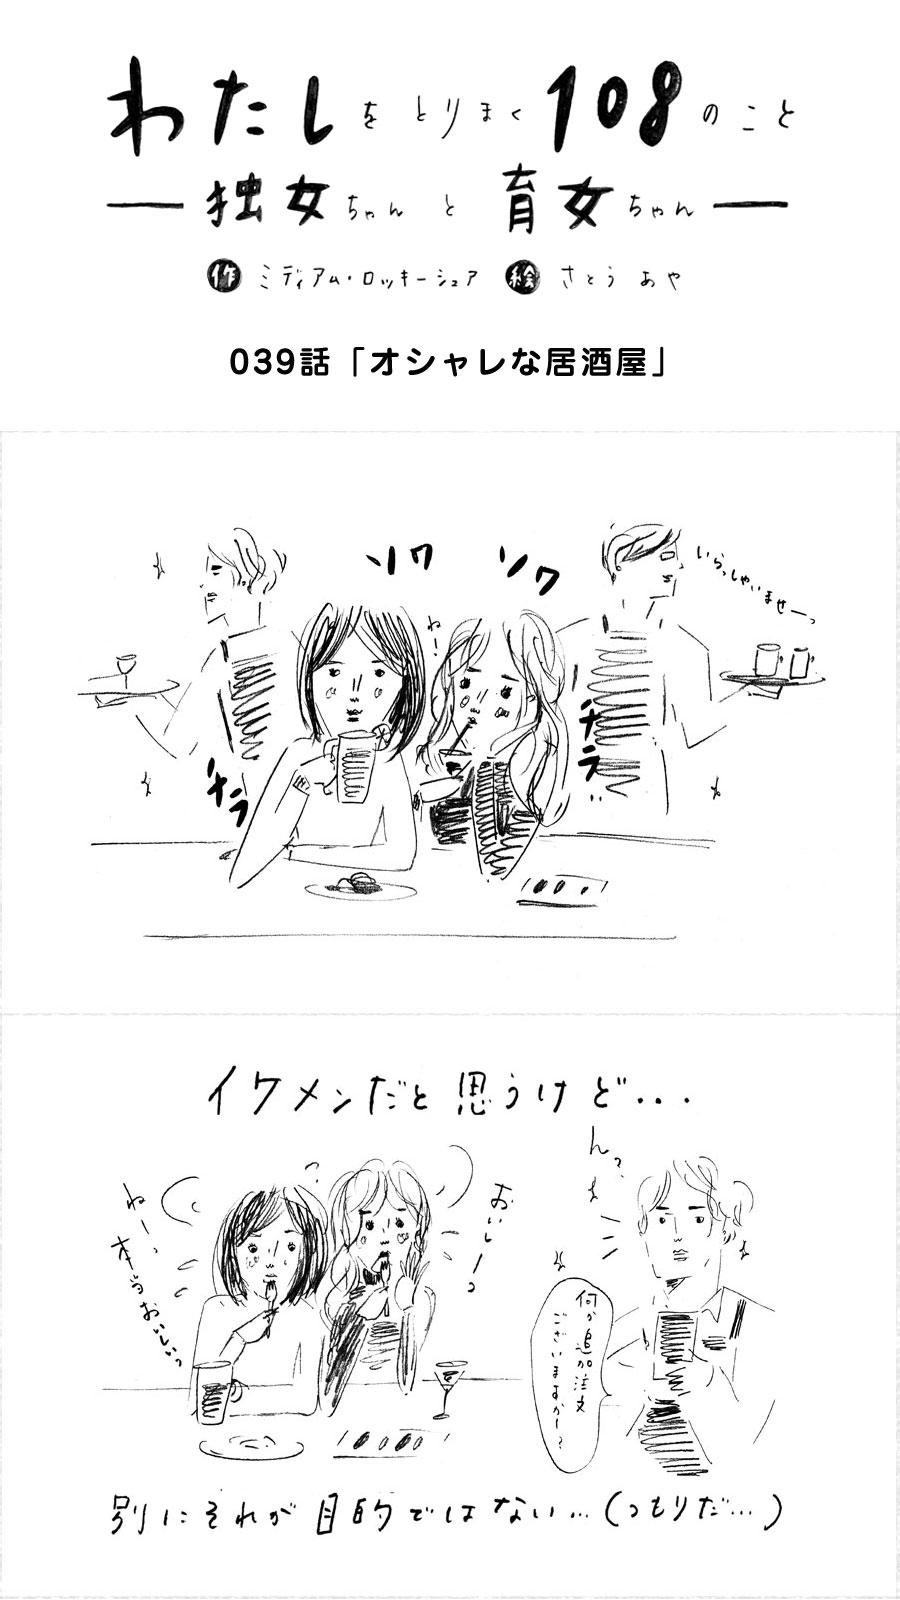 039_オシャレな居酒屋_独女ちゃん_000